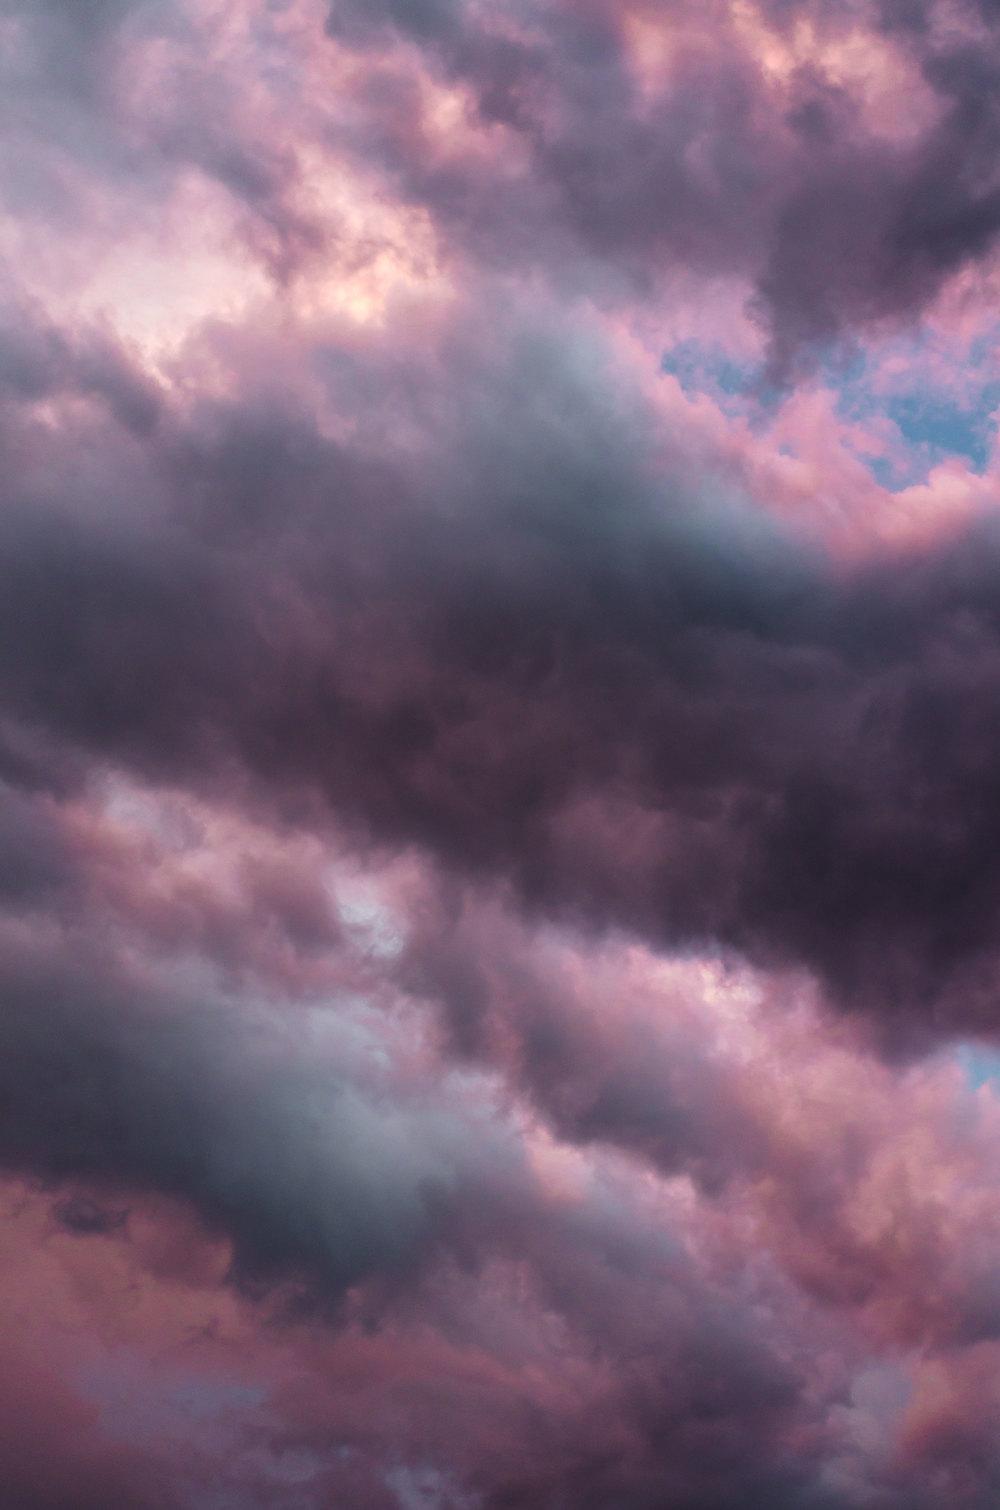 clouds-2-casenruiz.jpg